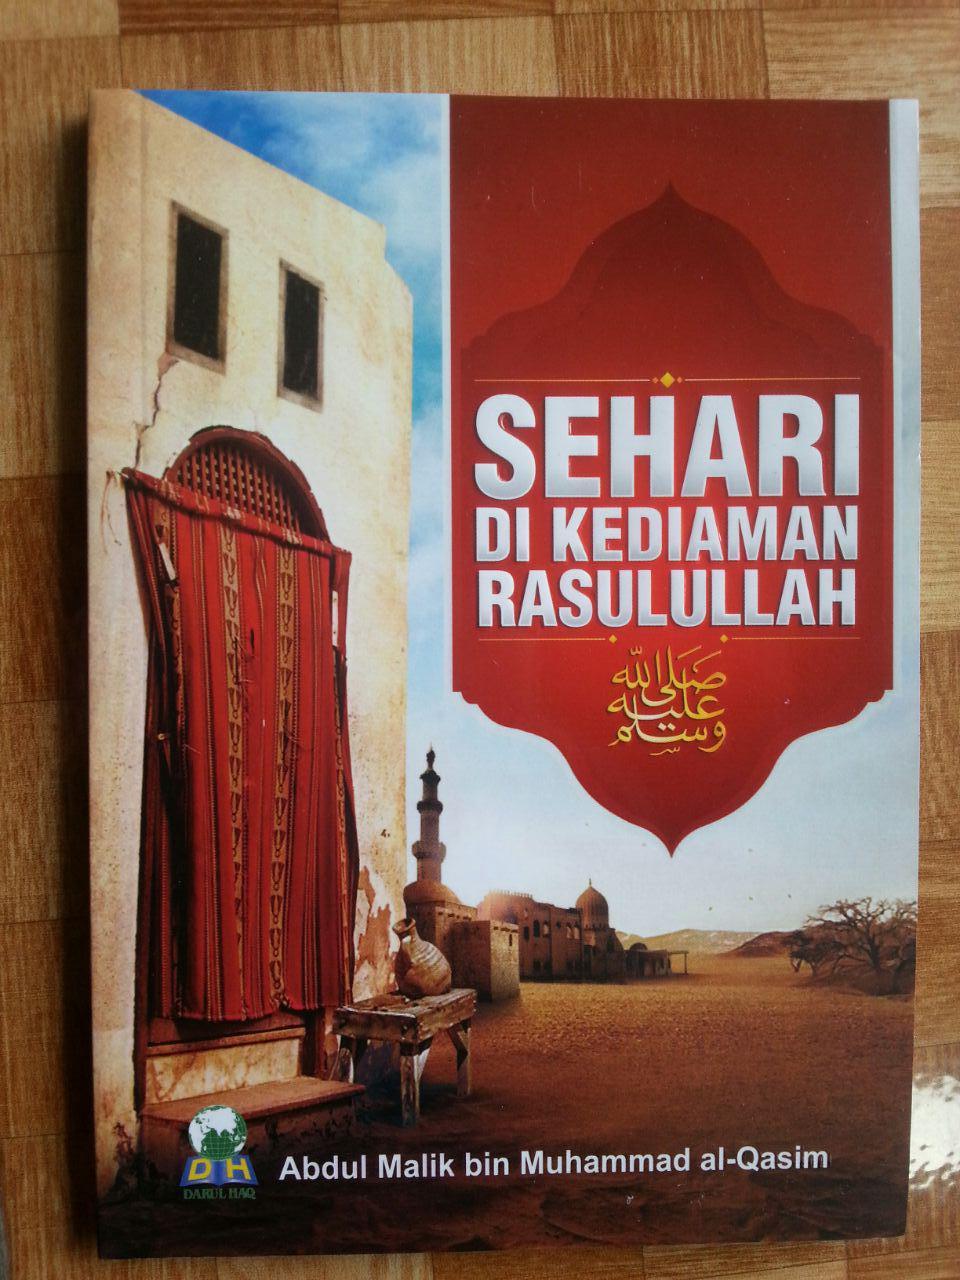 Buku Sehari Di Kediaman Rasulullah cover 2